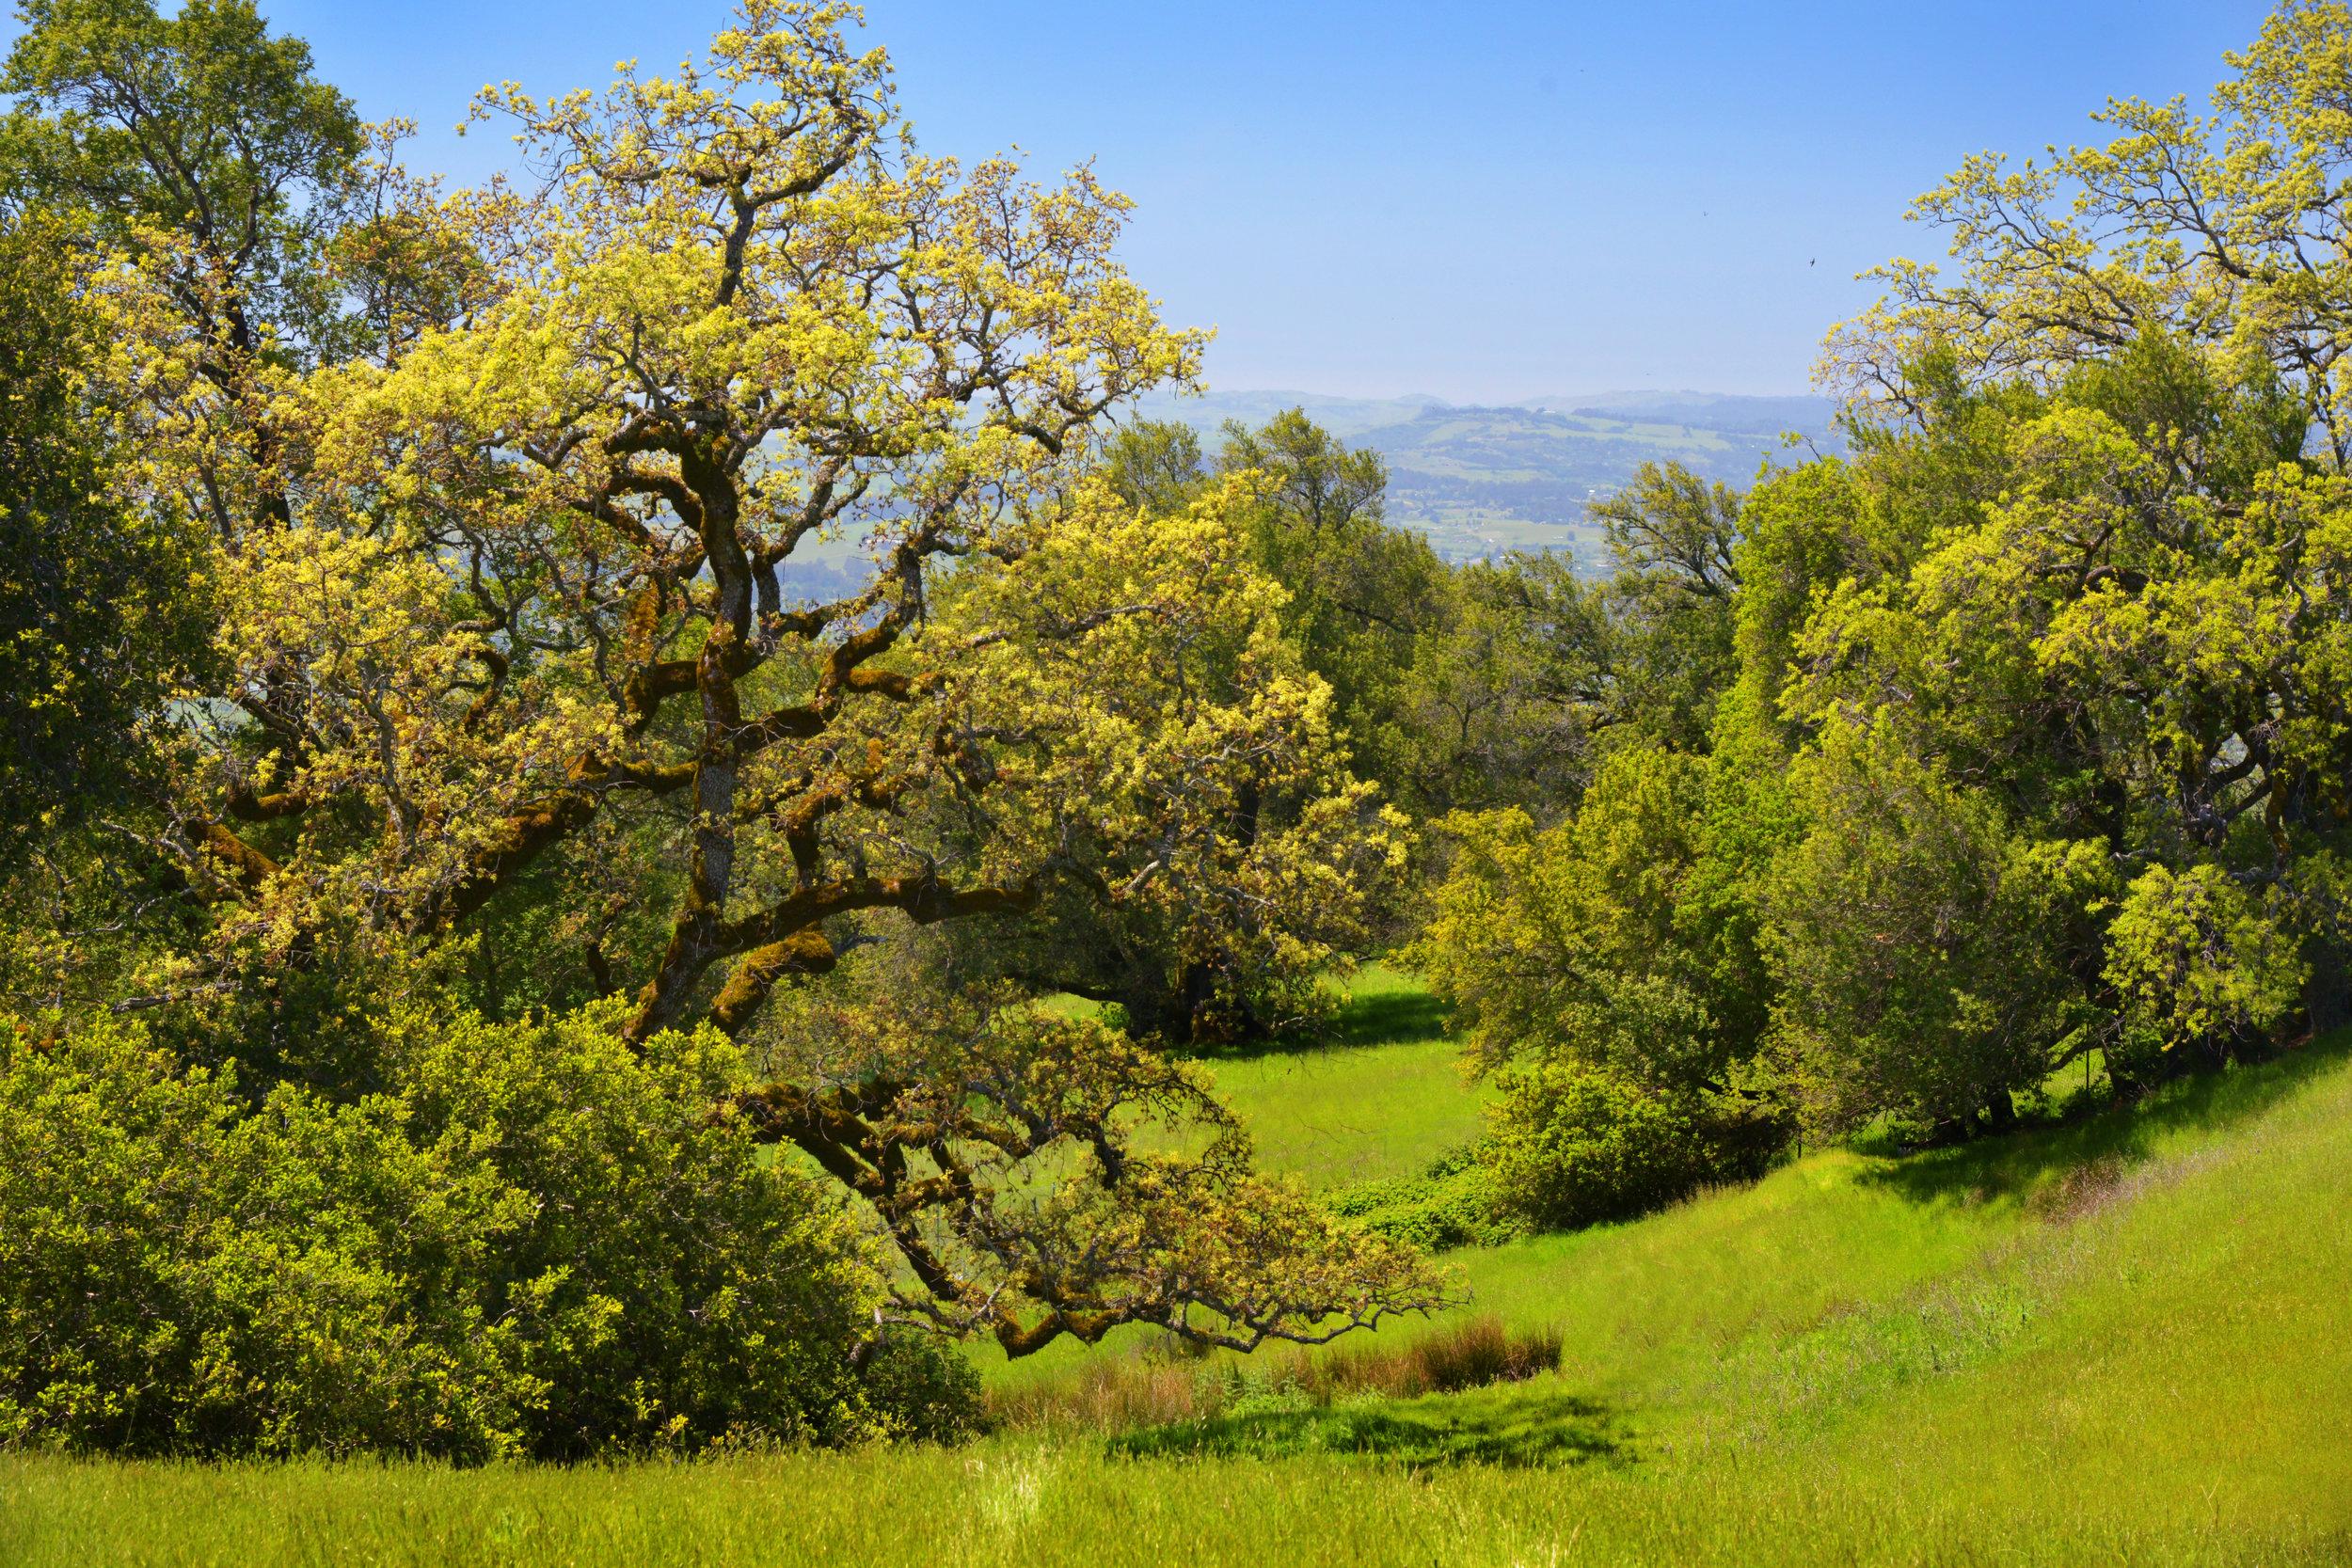 Oak trees, photo by Scott Hess